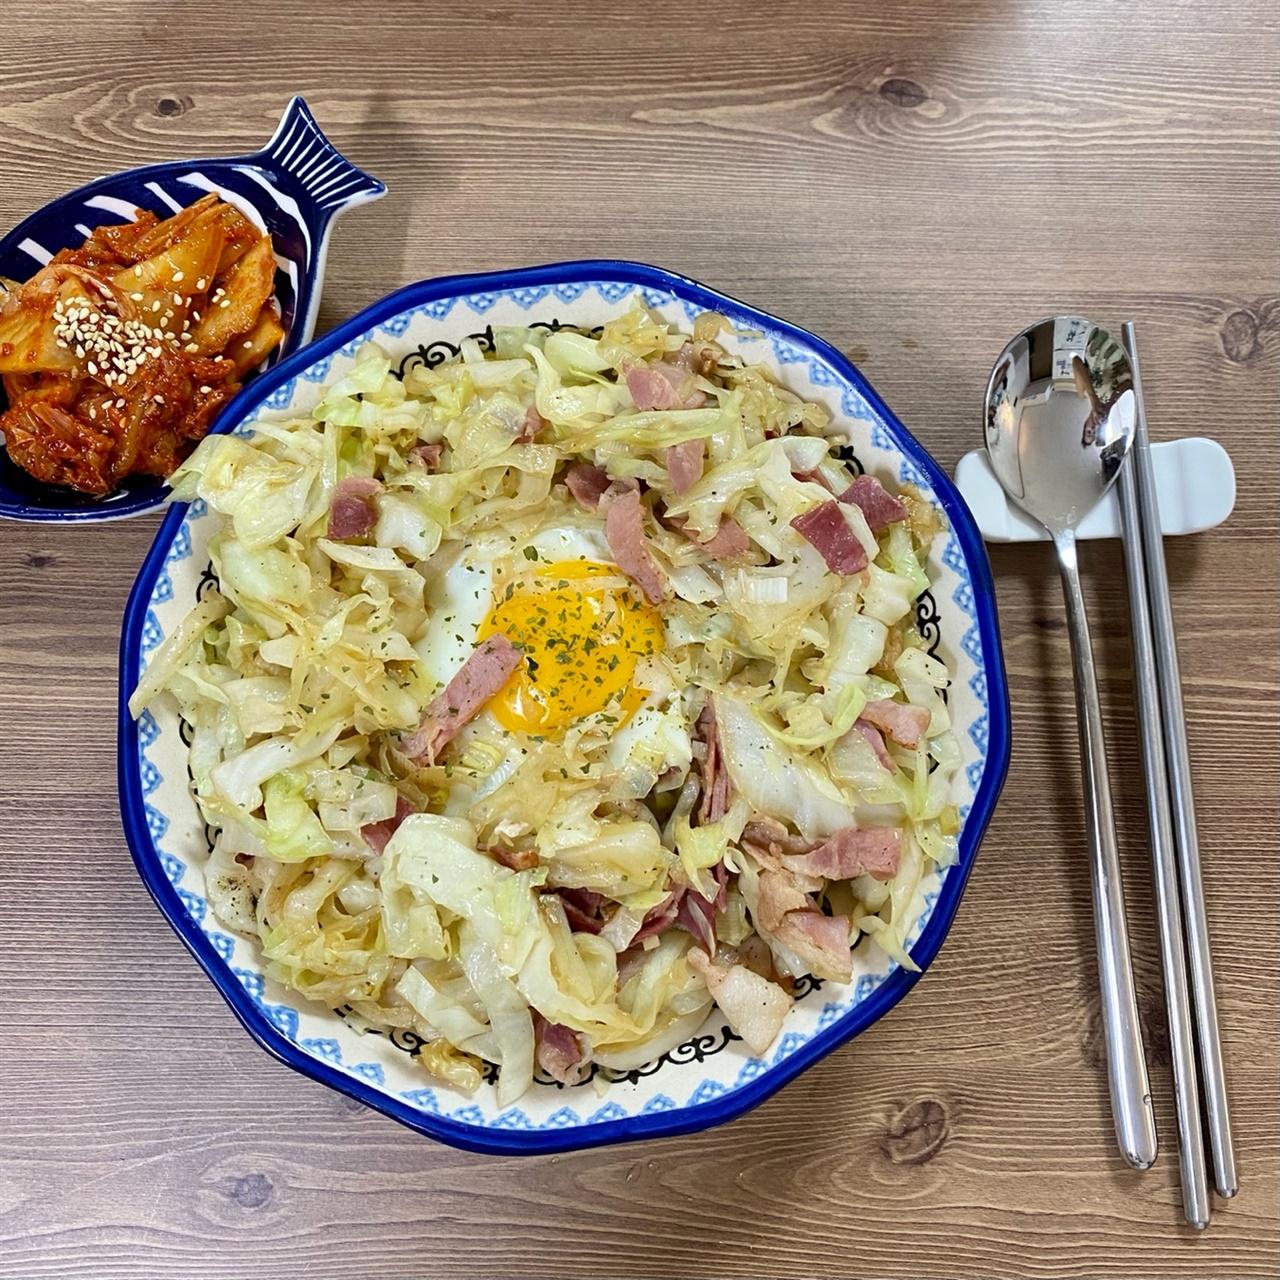 양배추 덮밥, 그런데 베이컨과 계란을 곁들인 양배추 덮밥, 그런데 베이컨과 계란을 곁들인